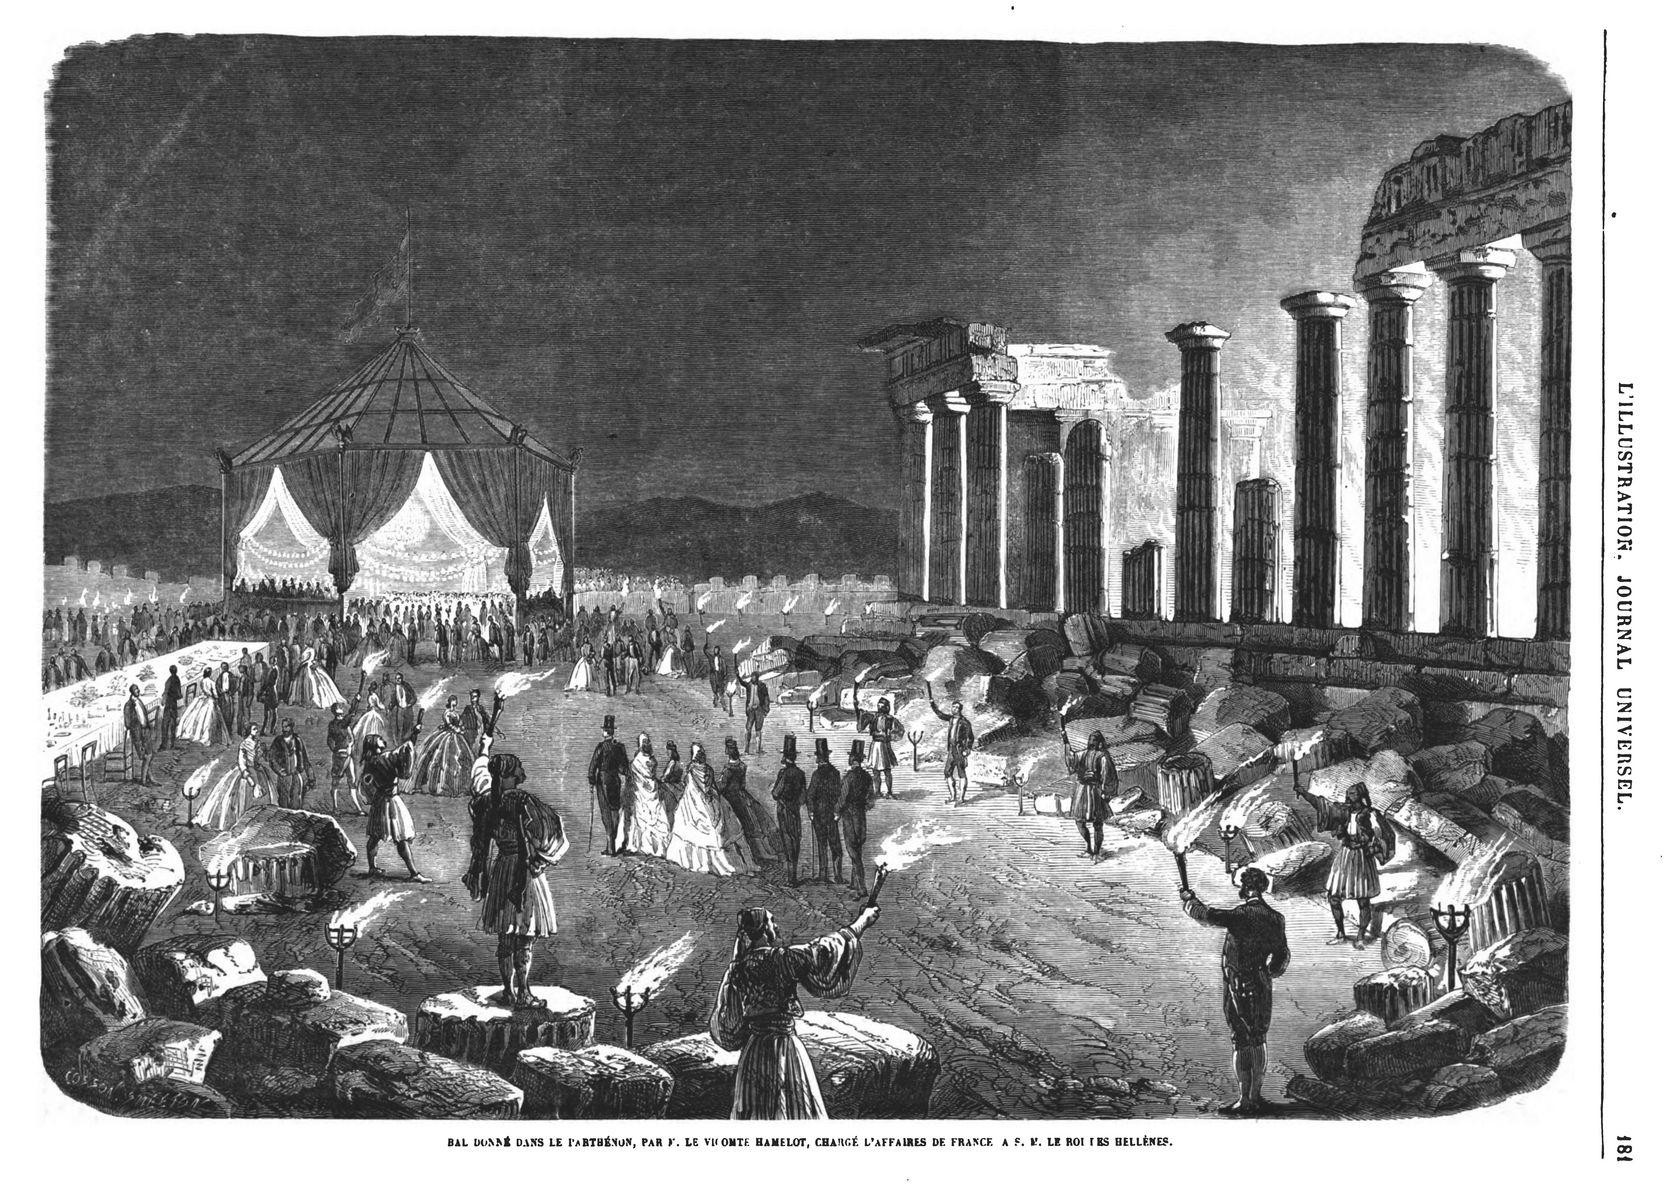 Bal donné dans le Parthénon, par M. le vicomte Hamelot, chargé d'affaires de France, à S. M. le roi des Hellènes